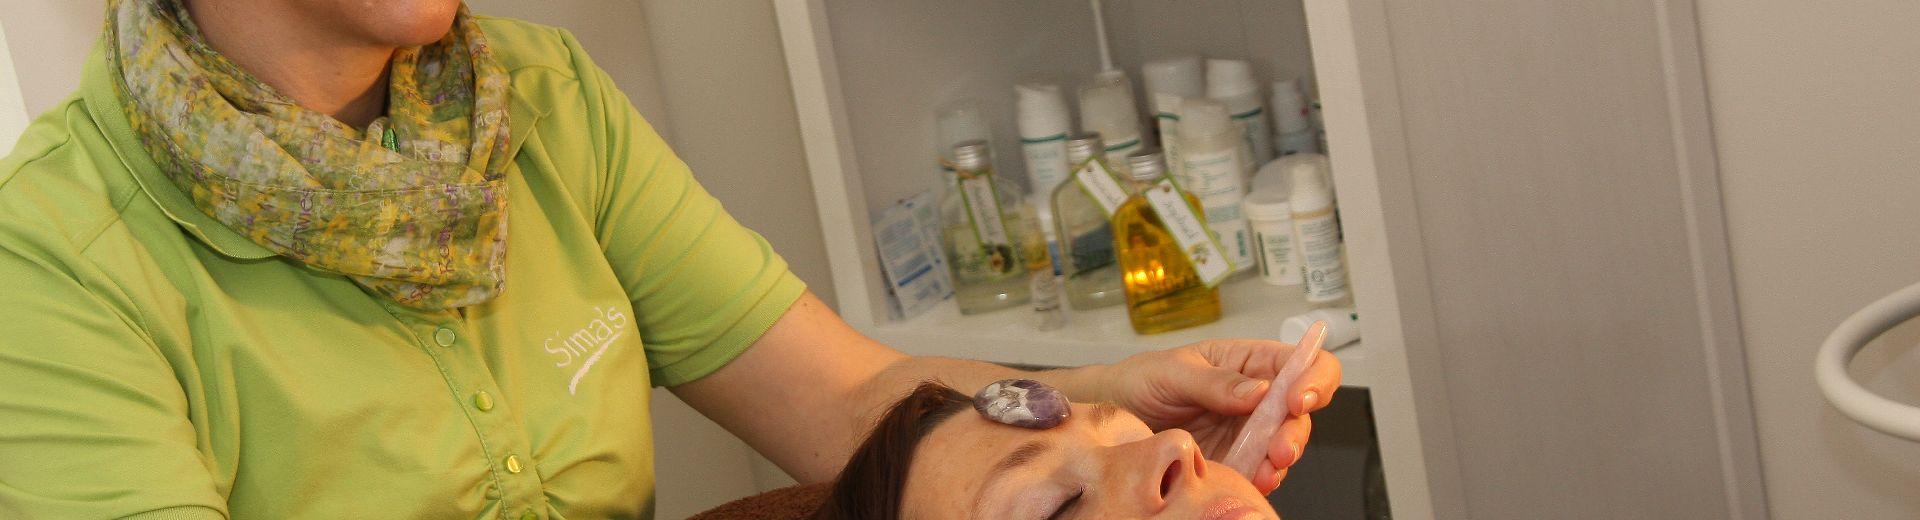 Kosmetik & Fußpflege & Wellnessanwendungen